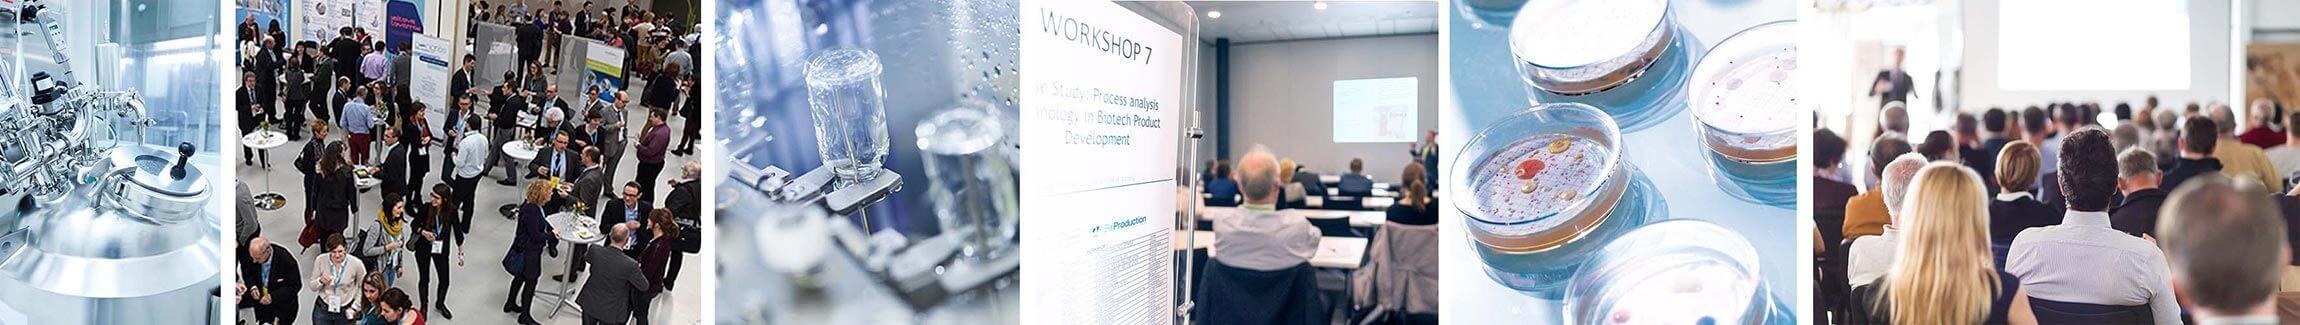 A3P Evenements, Formations, Ateliers, Workshop, Conférences Industrie Pharmaceutique